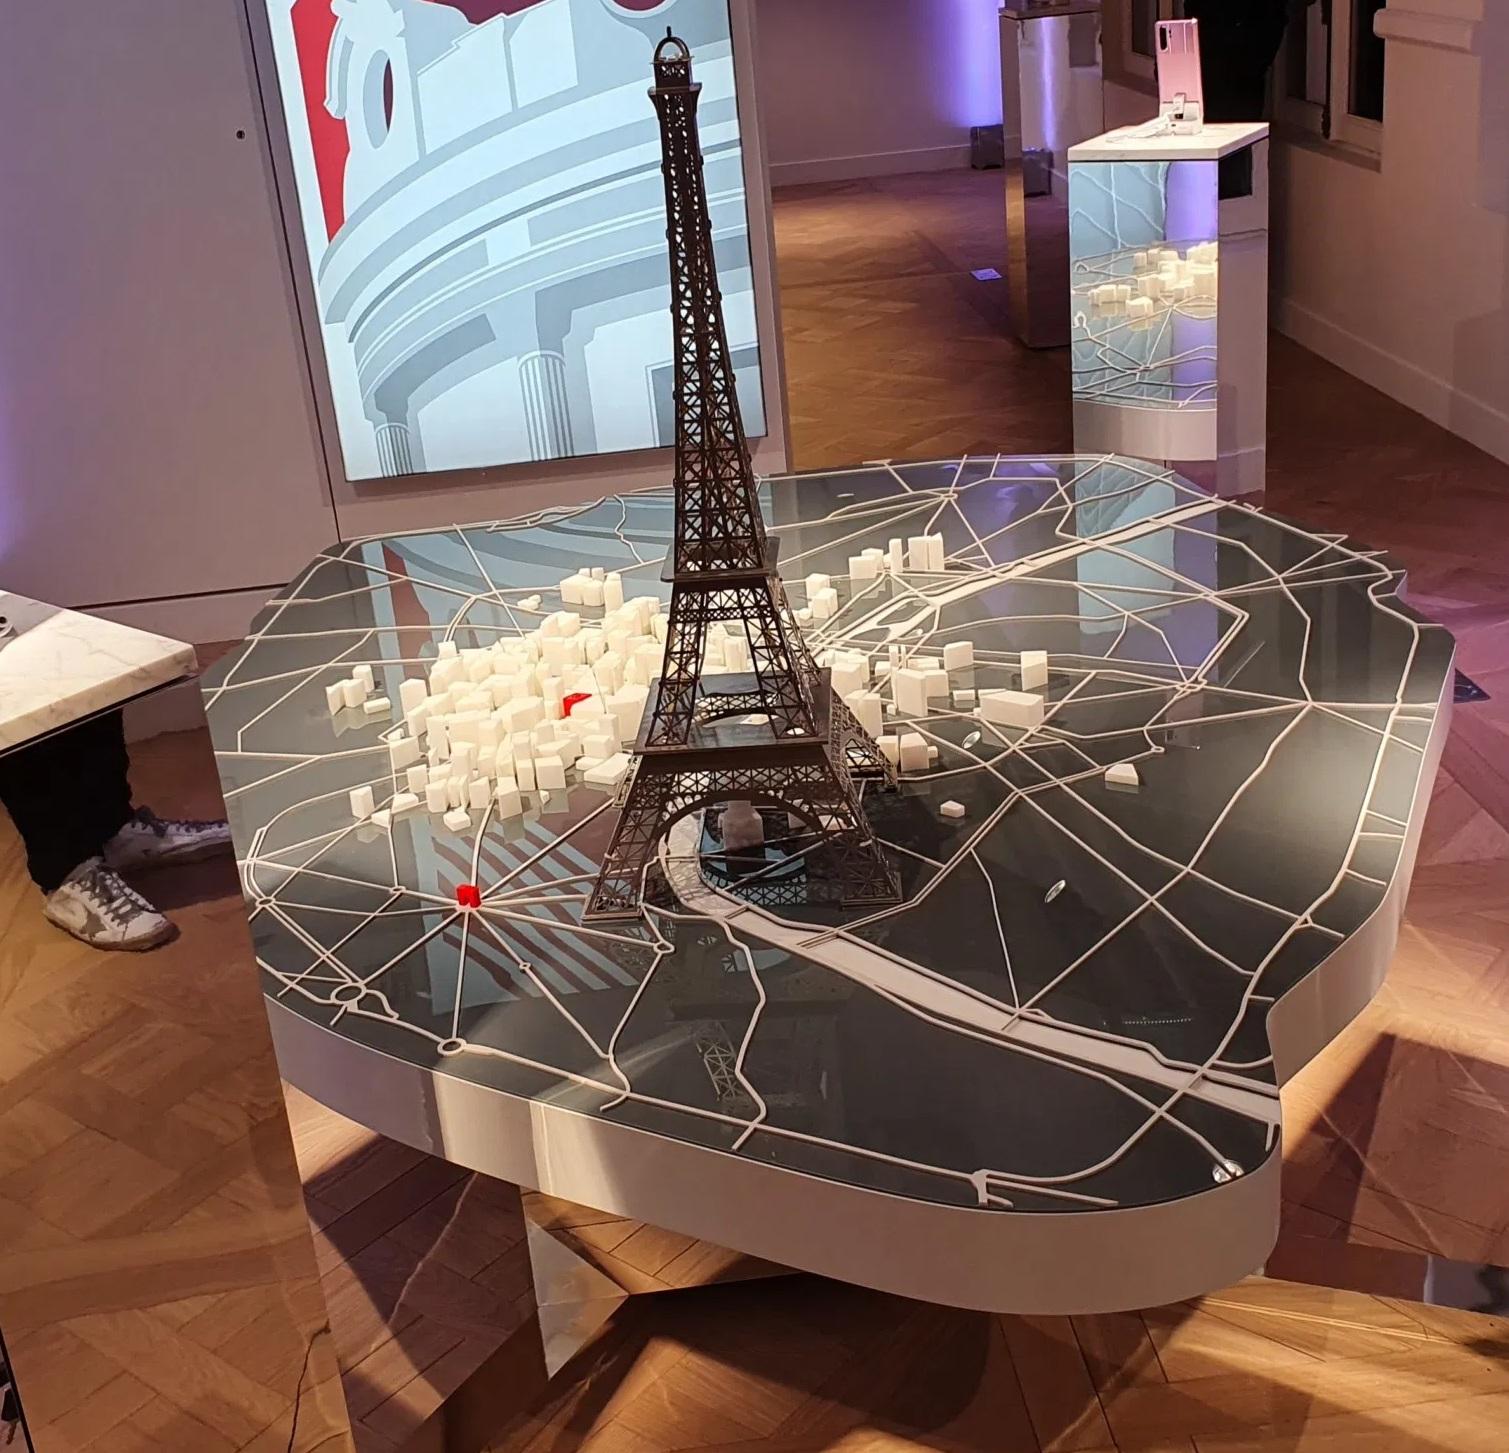 réalisation projet miniature vilel de paris.jpg